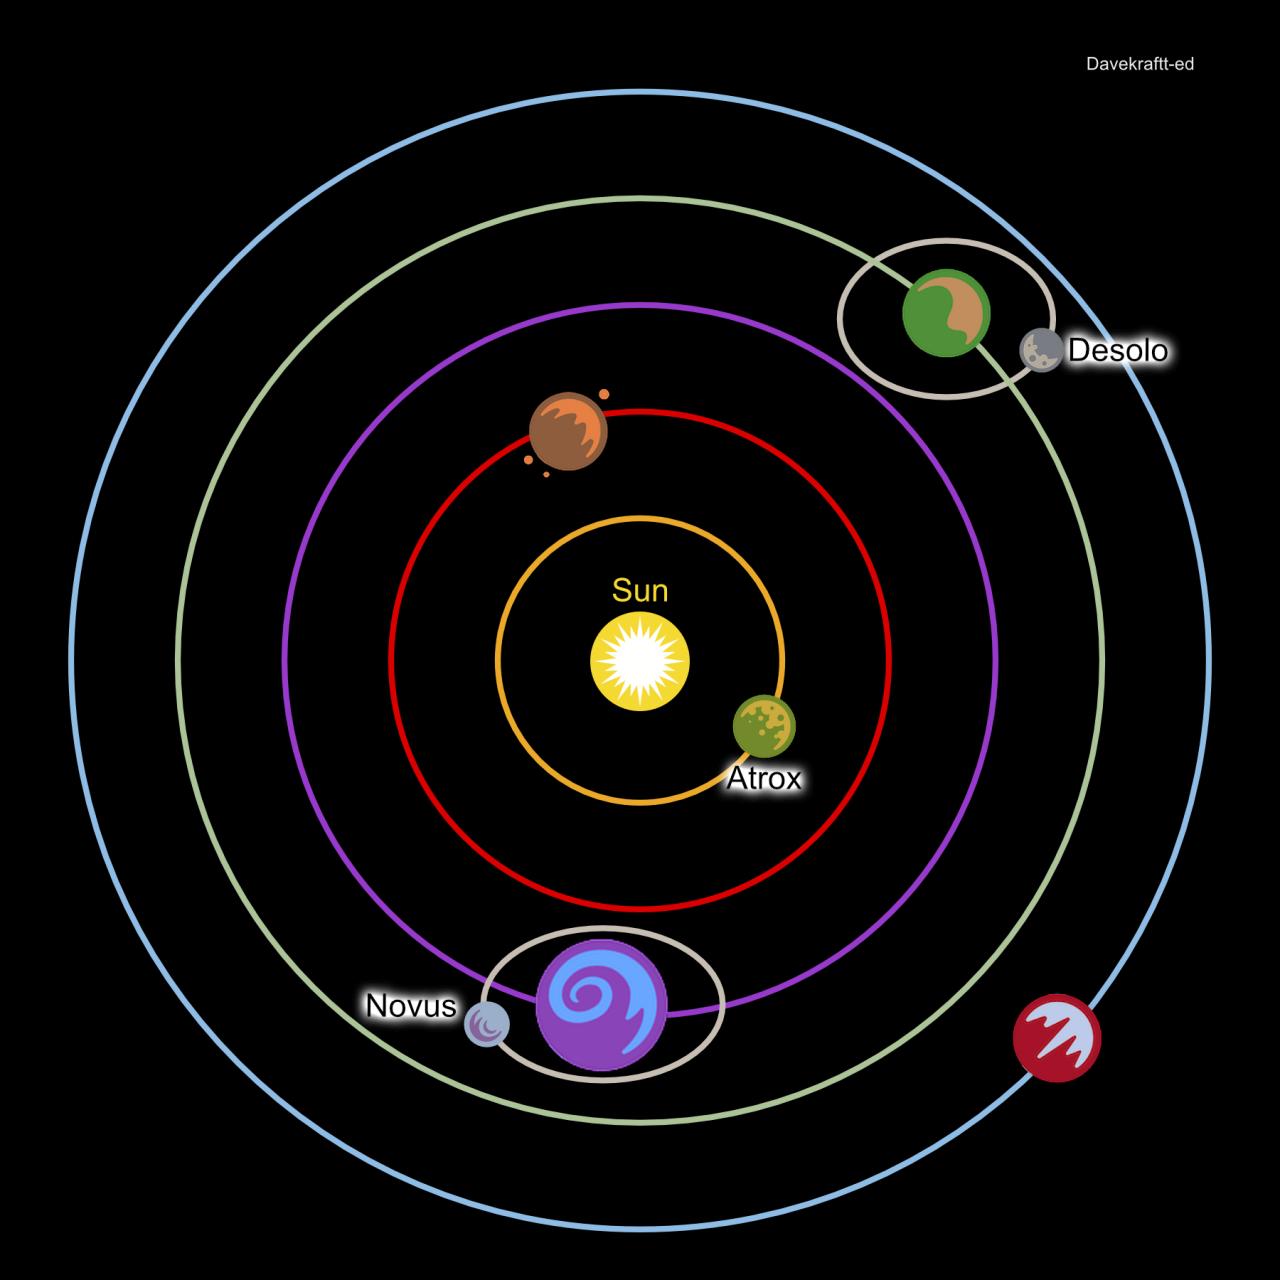 ASTRONEER: Resources & Starmap 1.4.15.0